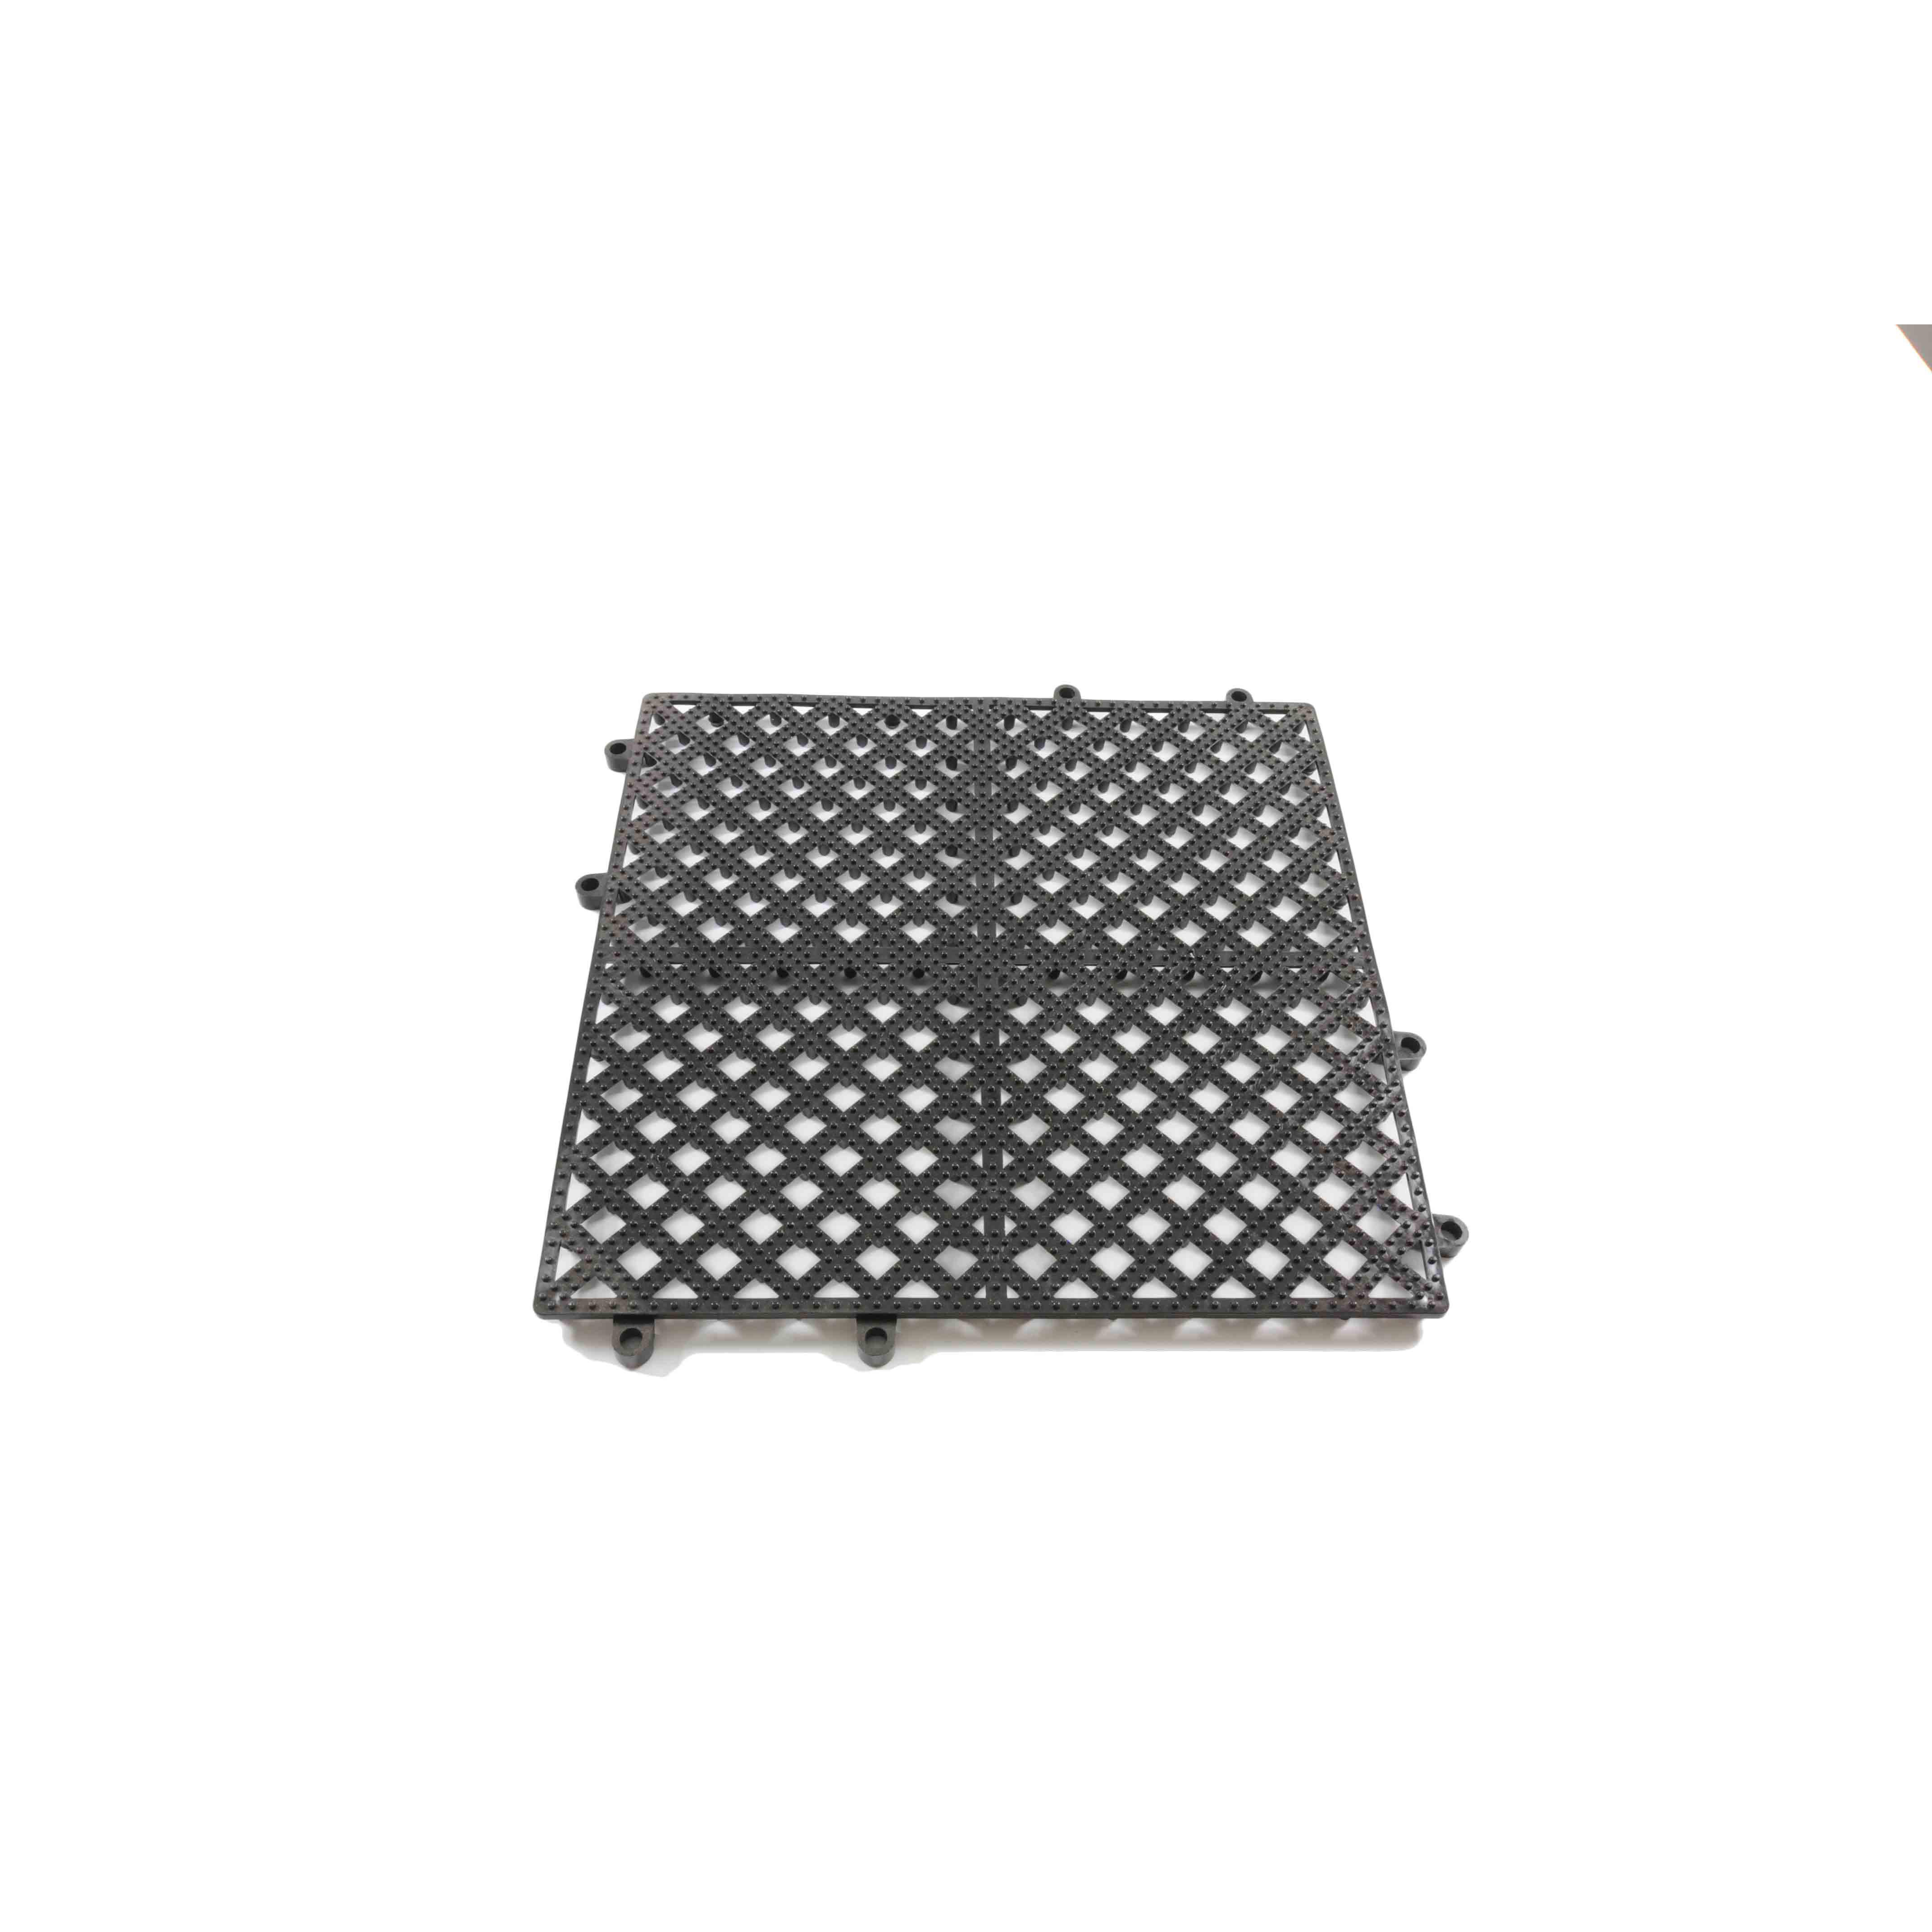 Thunder Group PLIM1212SM bar mat